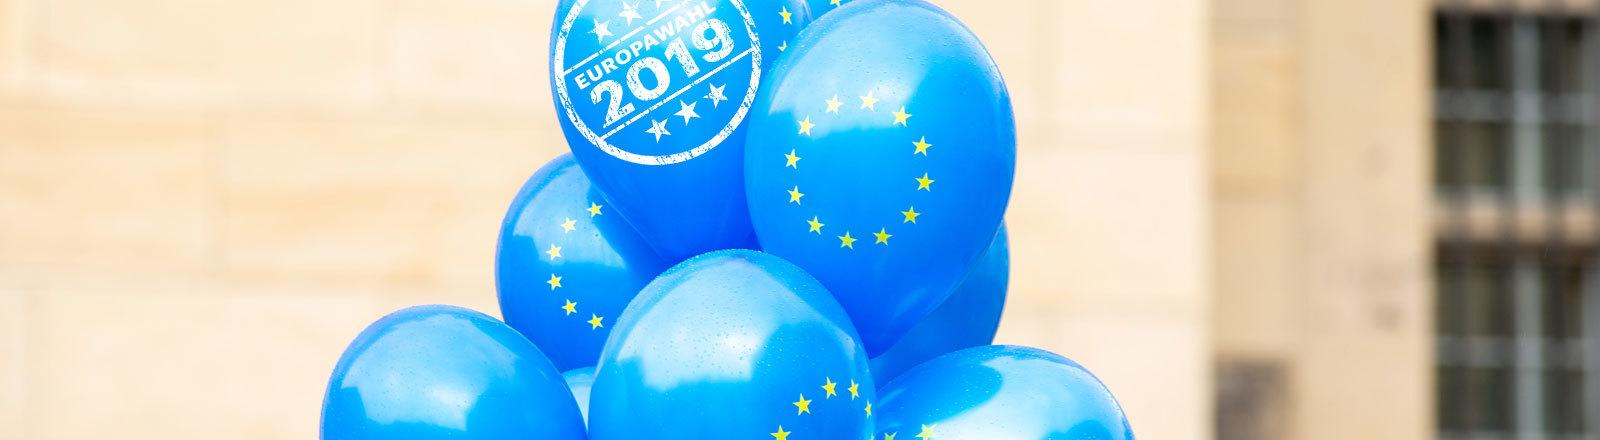 EU-Wahl